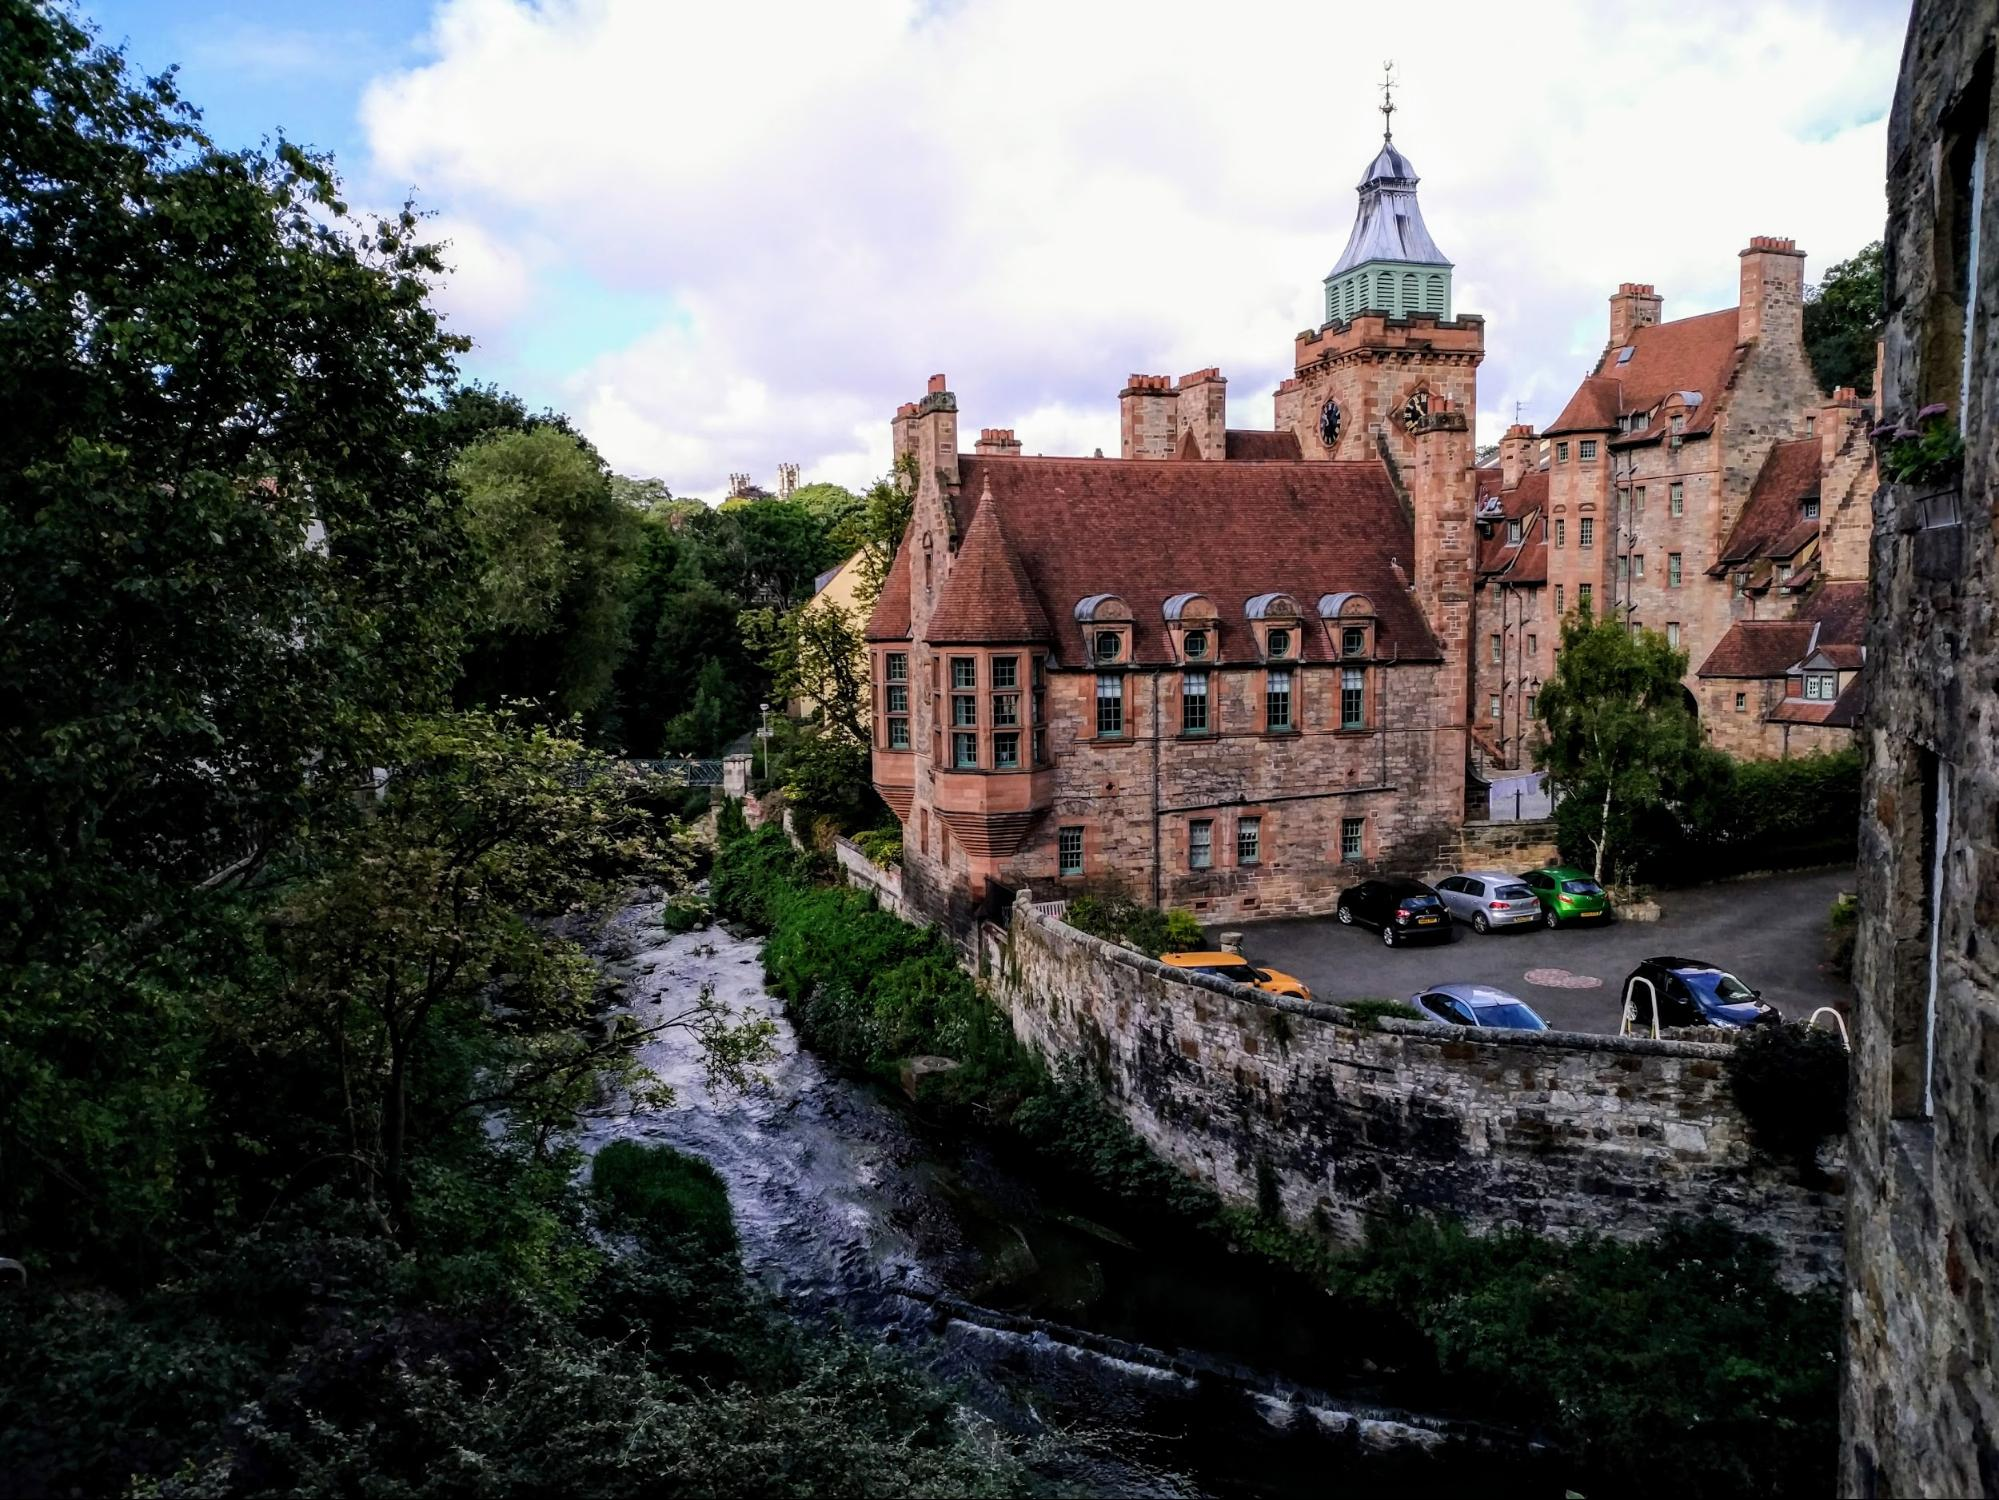 Плюсы и минусы IT-шной жизни в Шотландии - 2